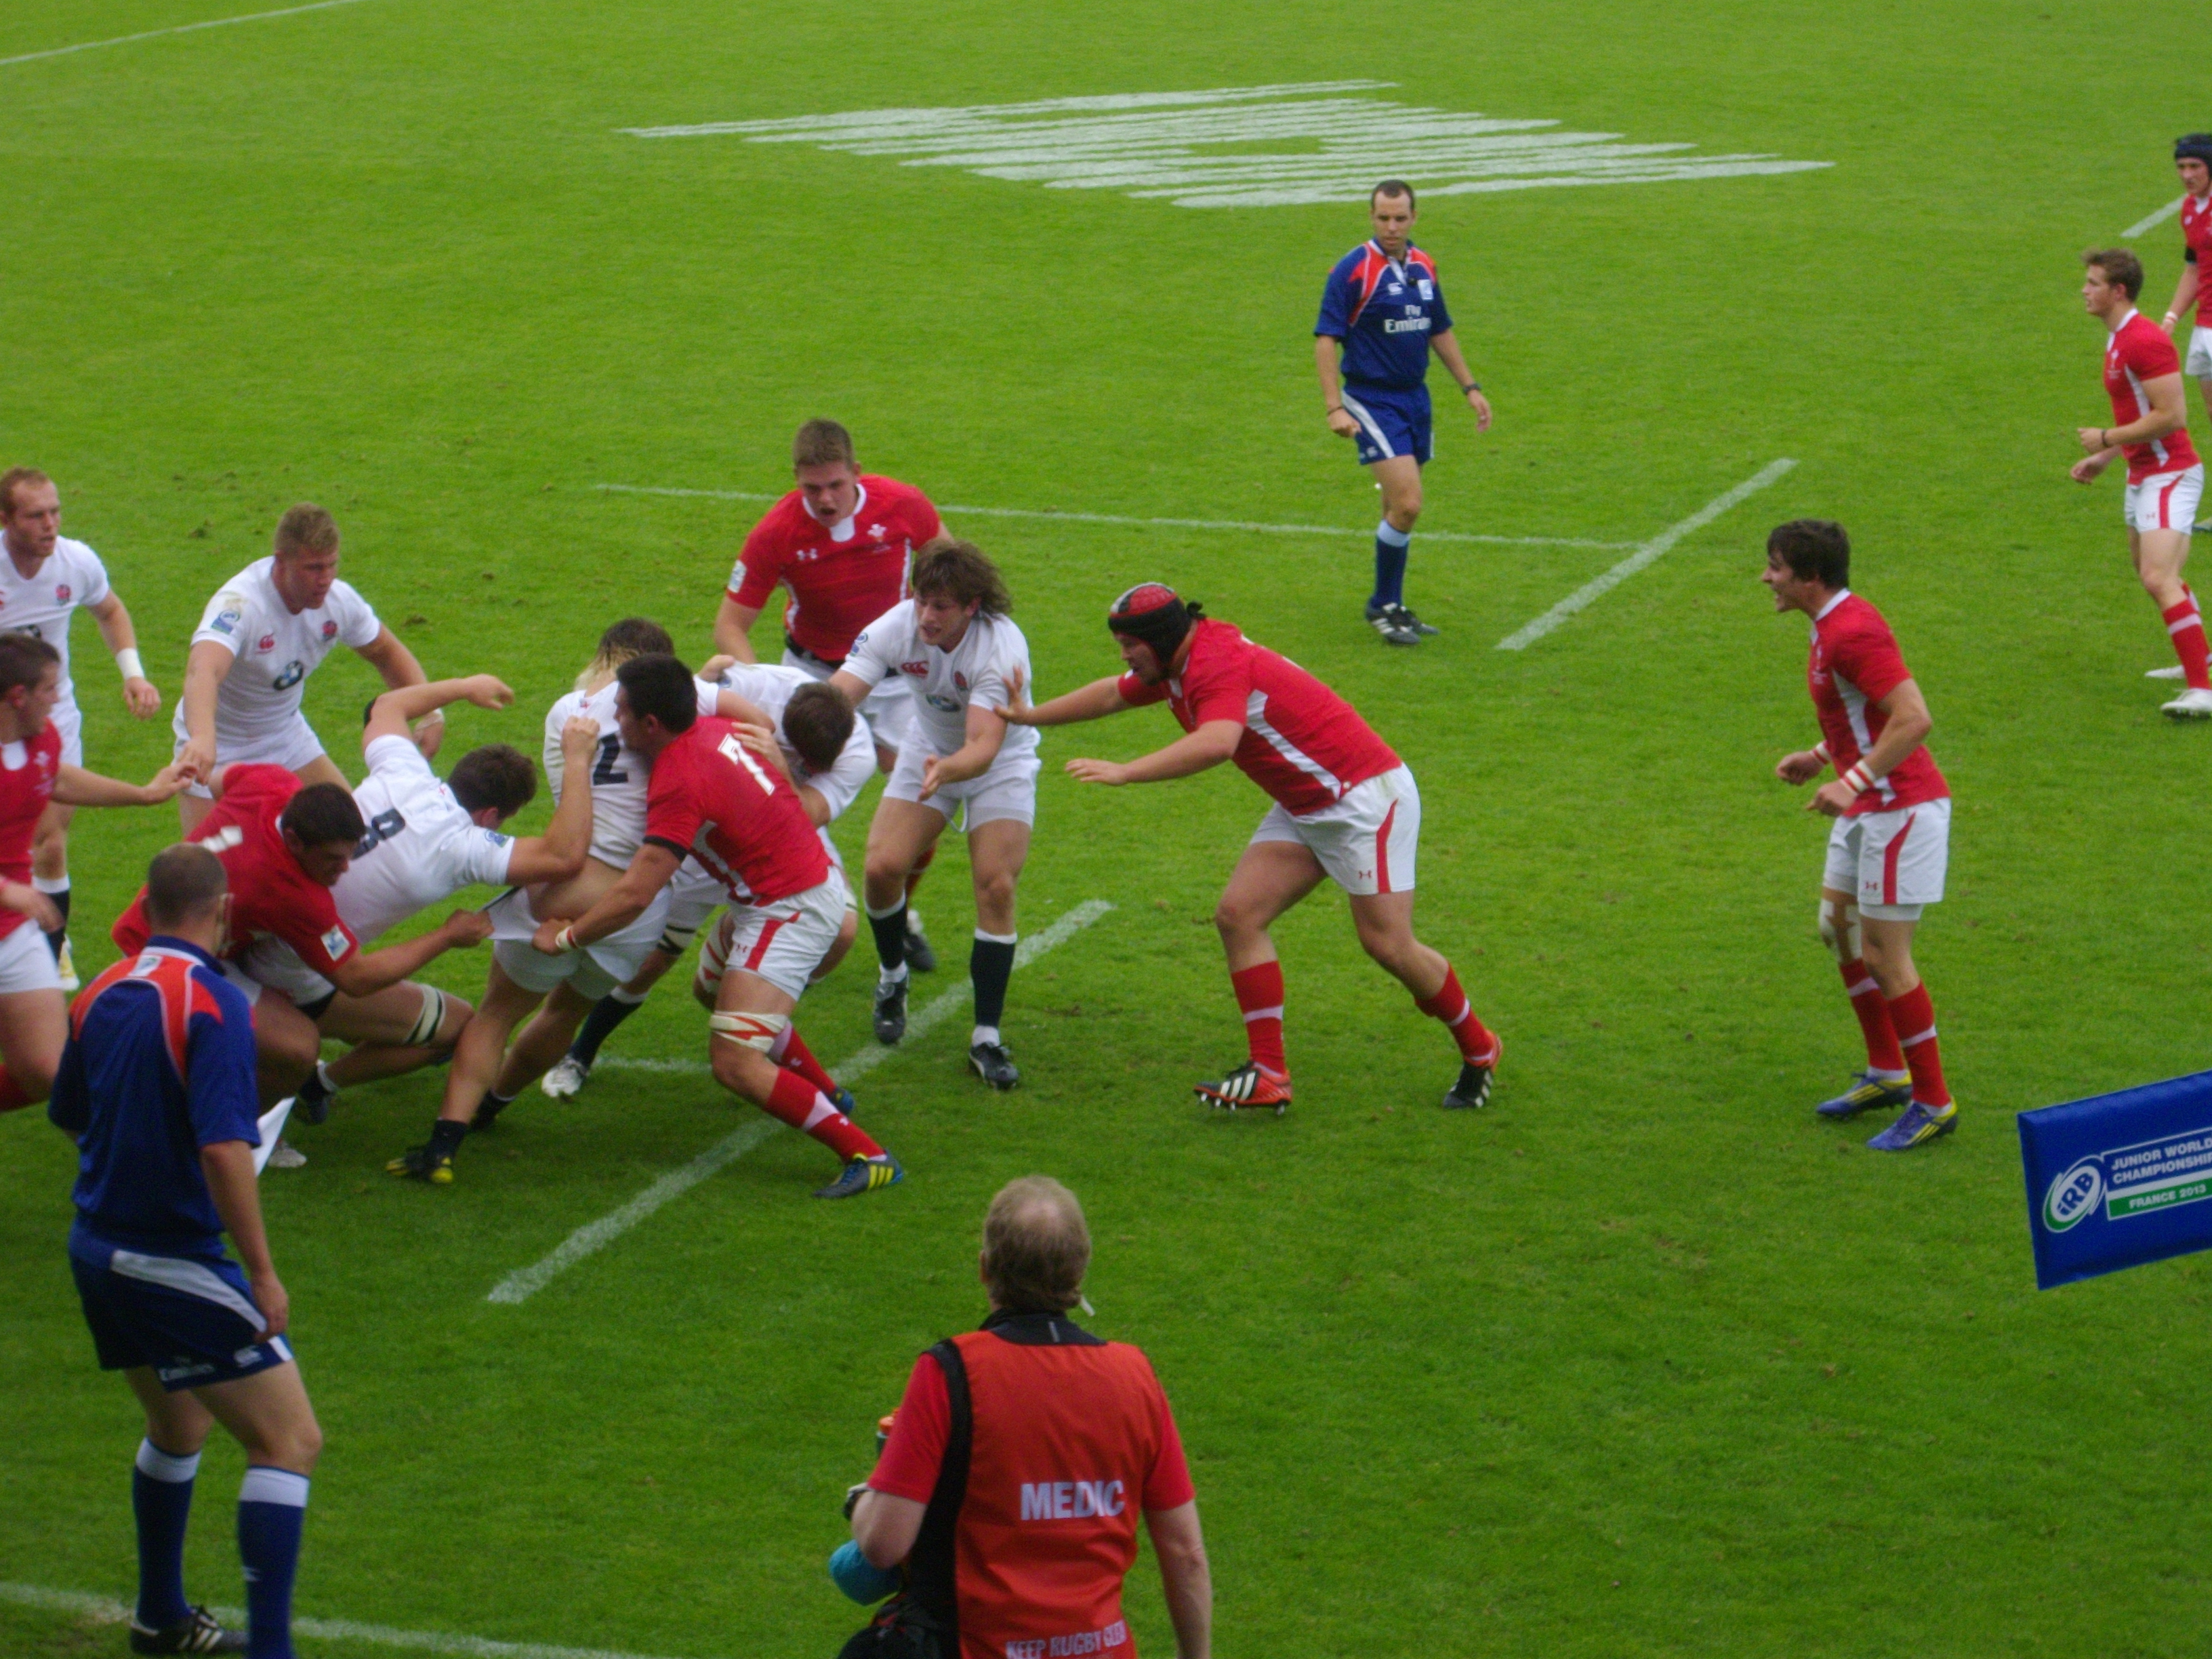 File coupe du monde junior de rugby xv 2013 finale 12 jpg wikimedia commons - Finale coupe du monde de rugby ...